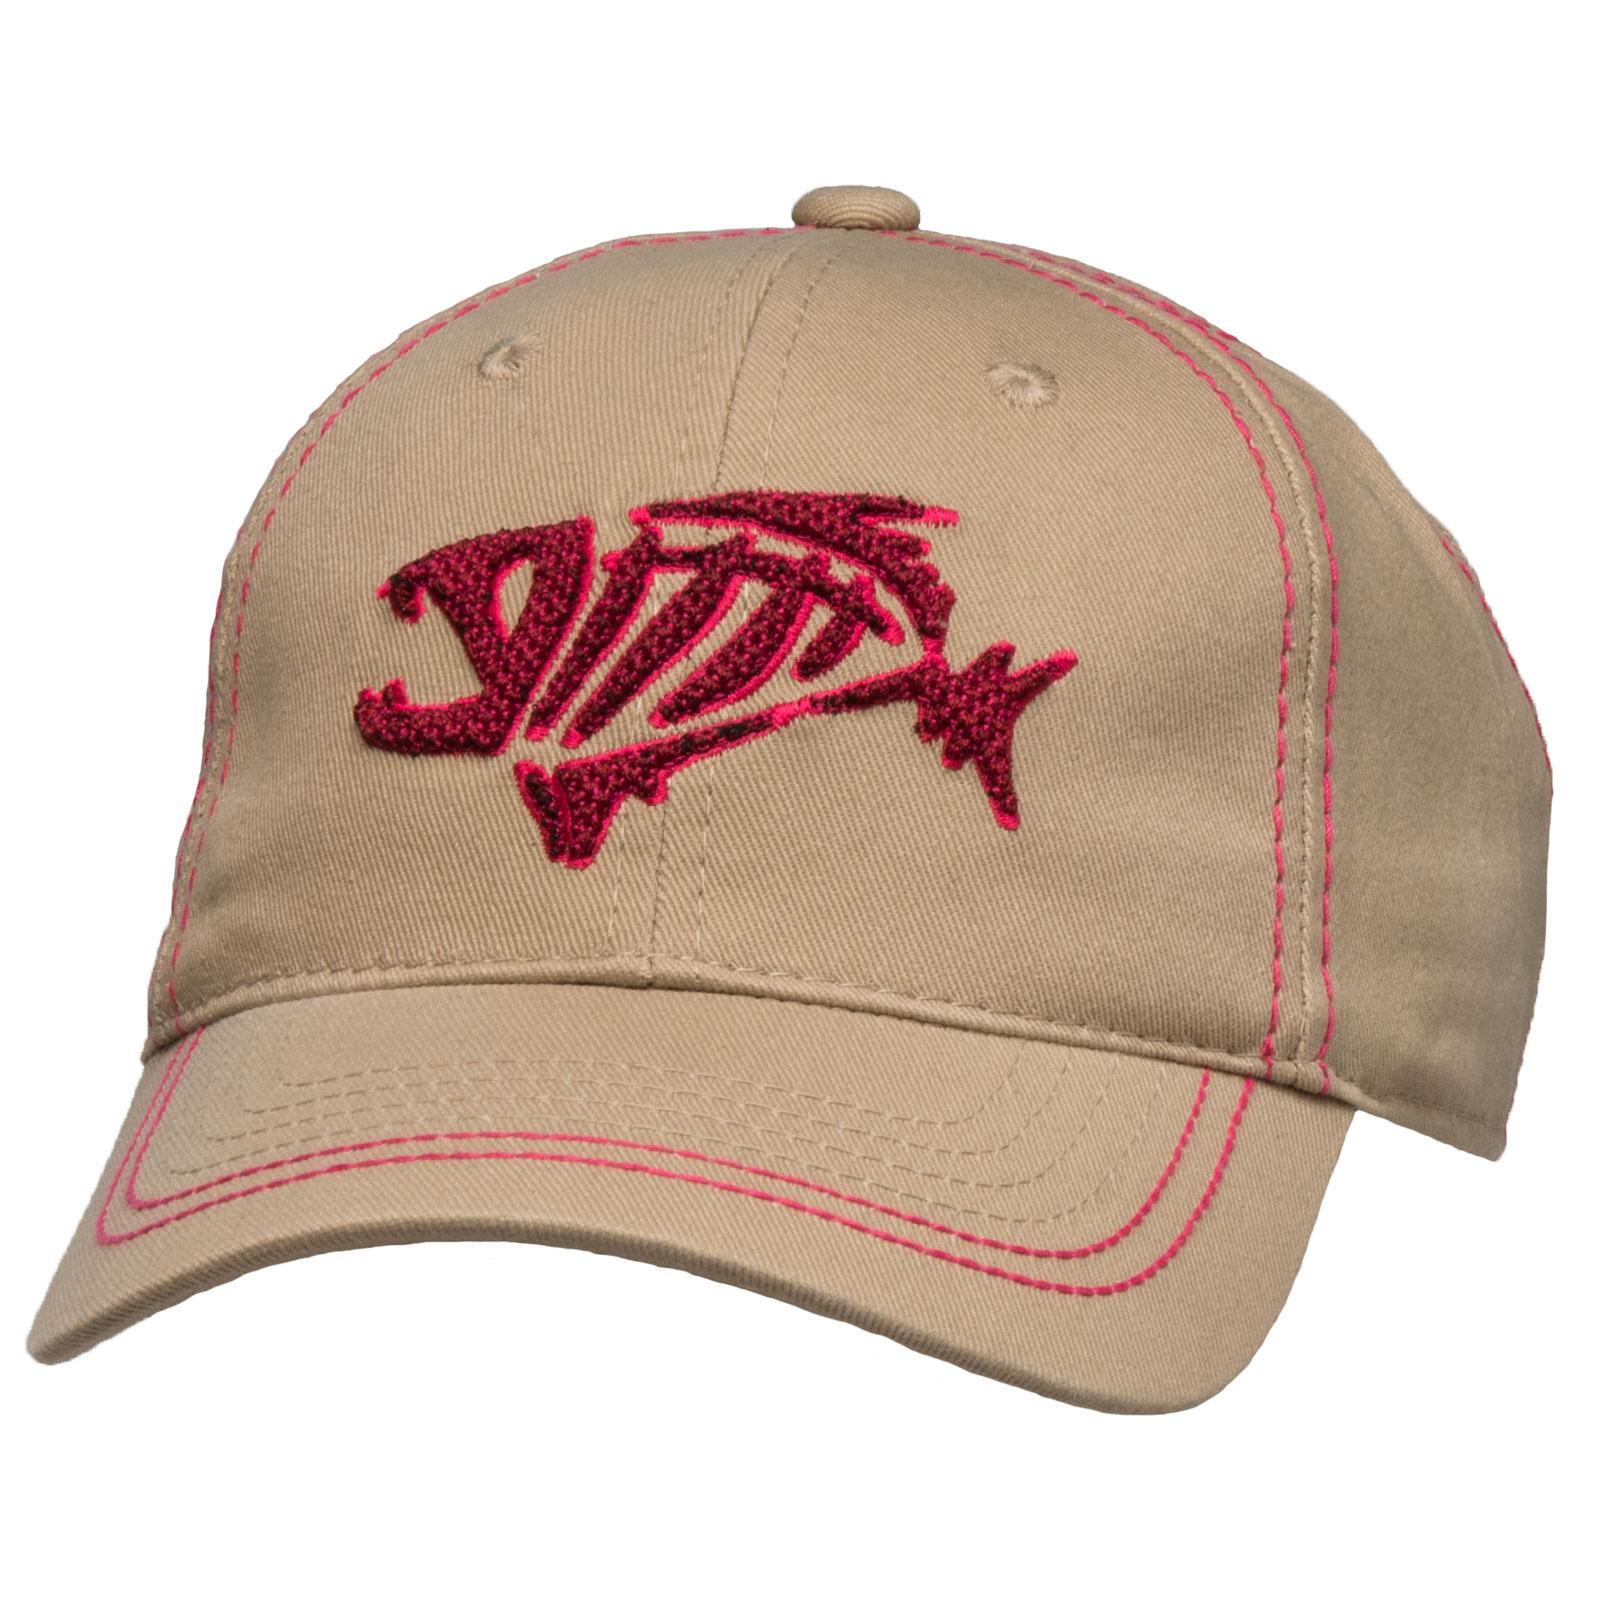 G Loomis Skeleton Fish Logo Women 39 S Khaki Cotton Cap One